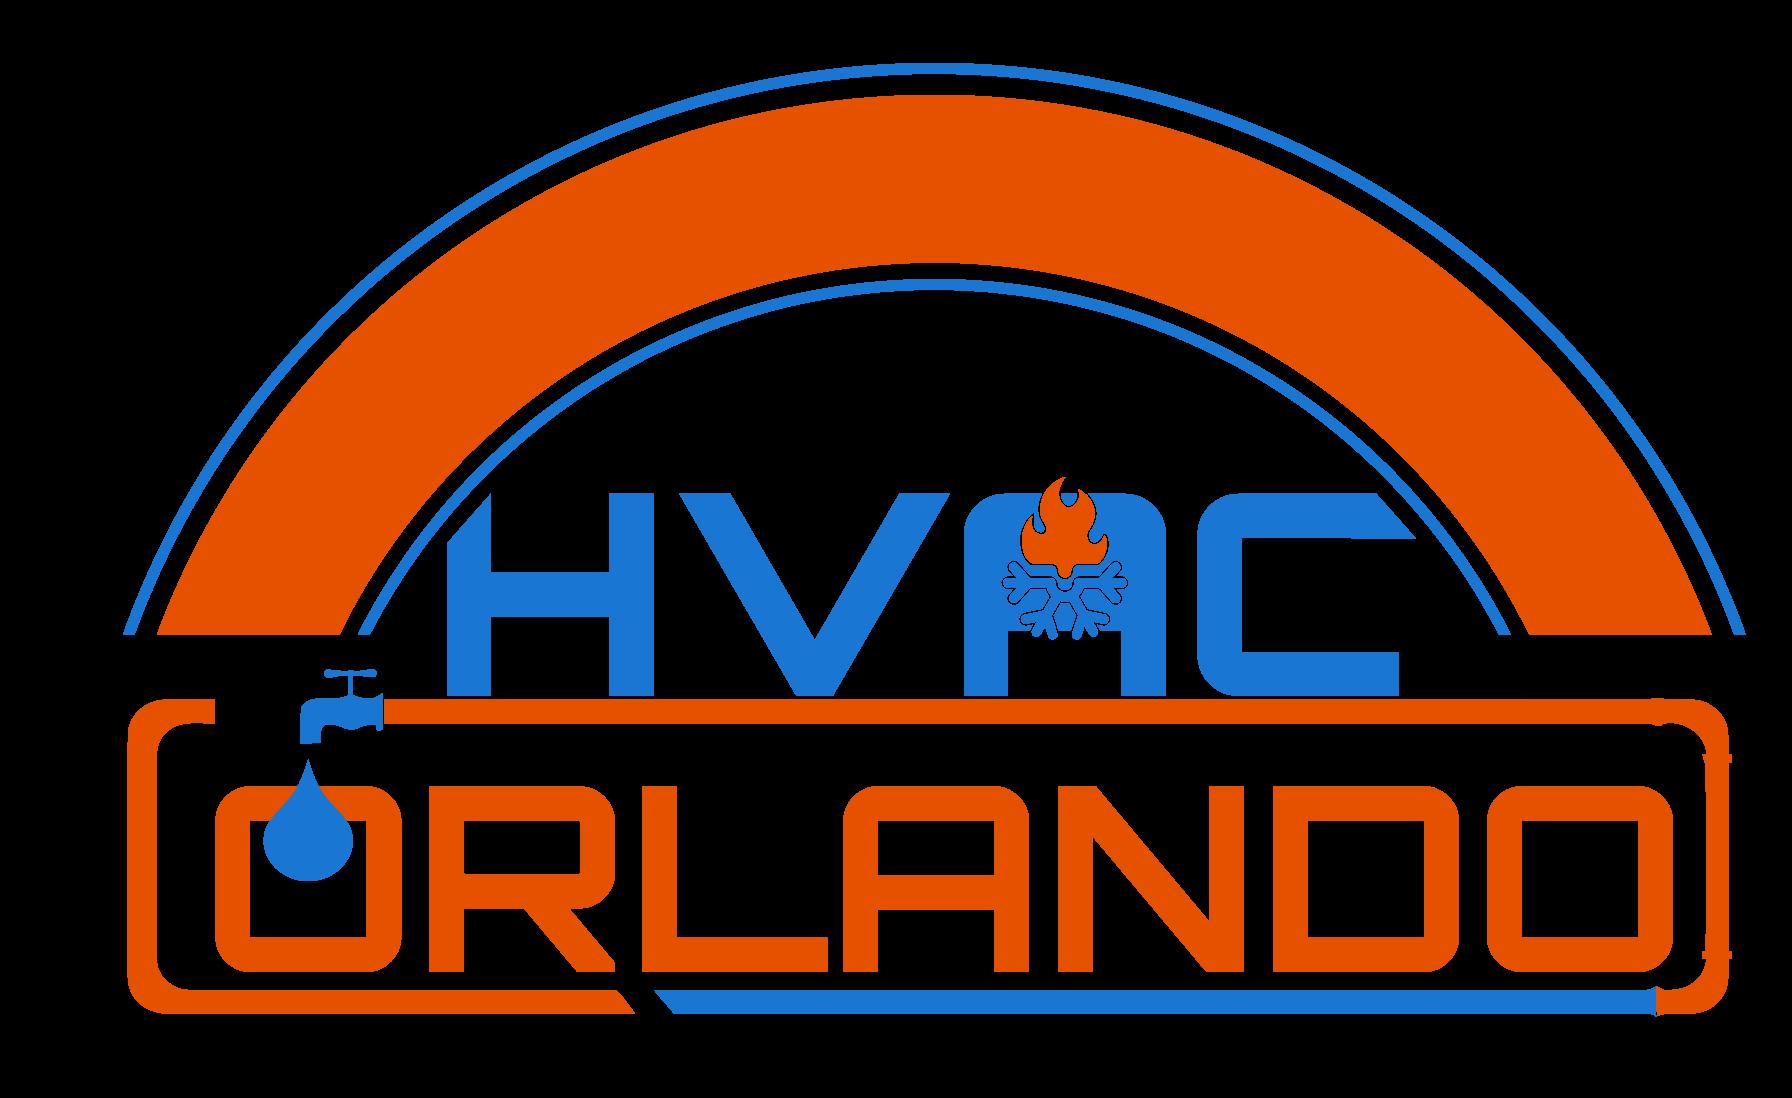 HVAC in Orlando